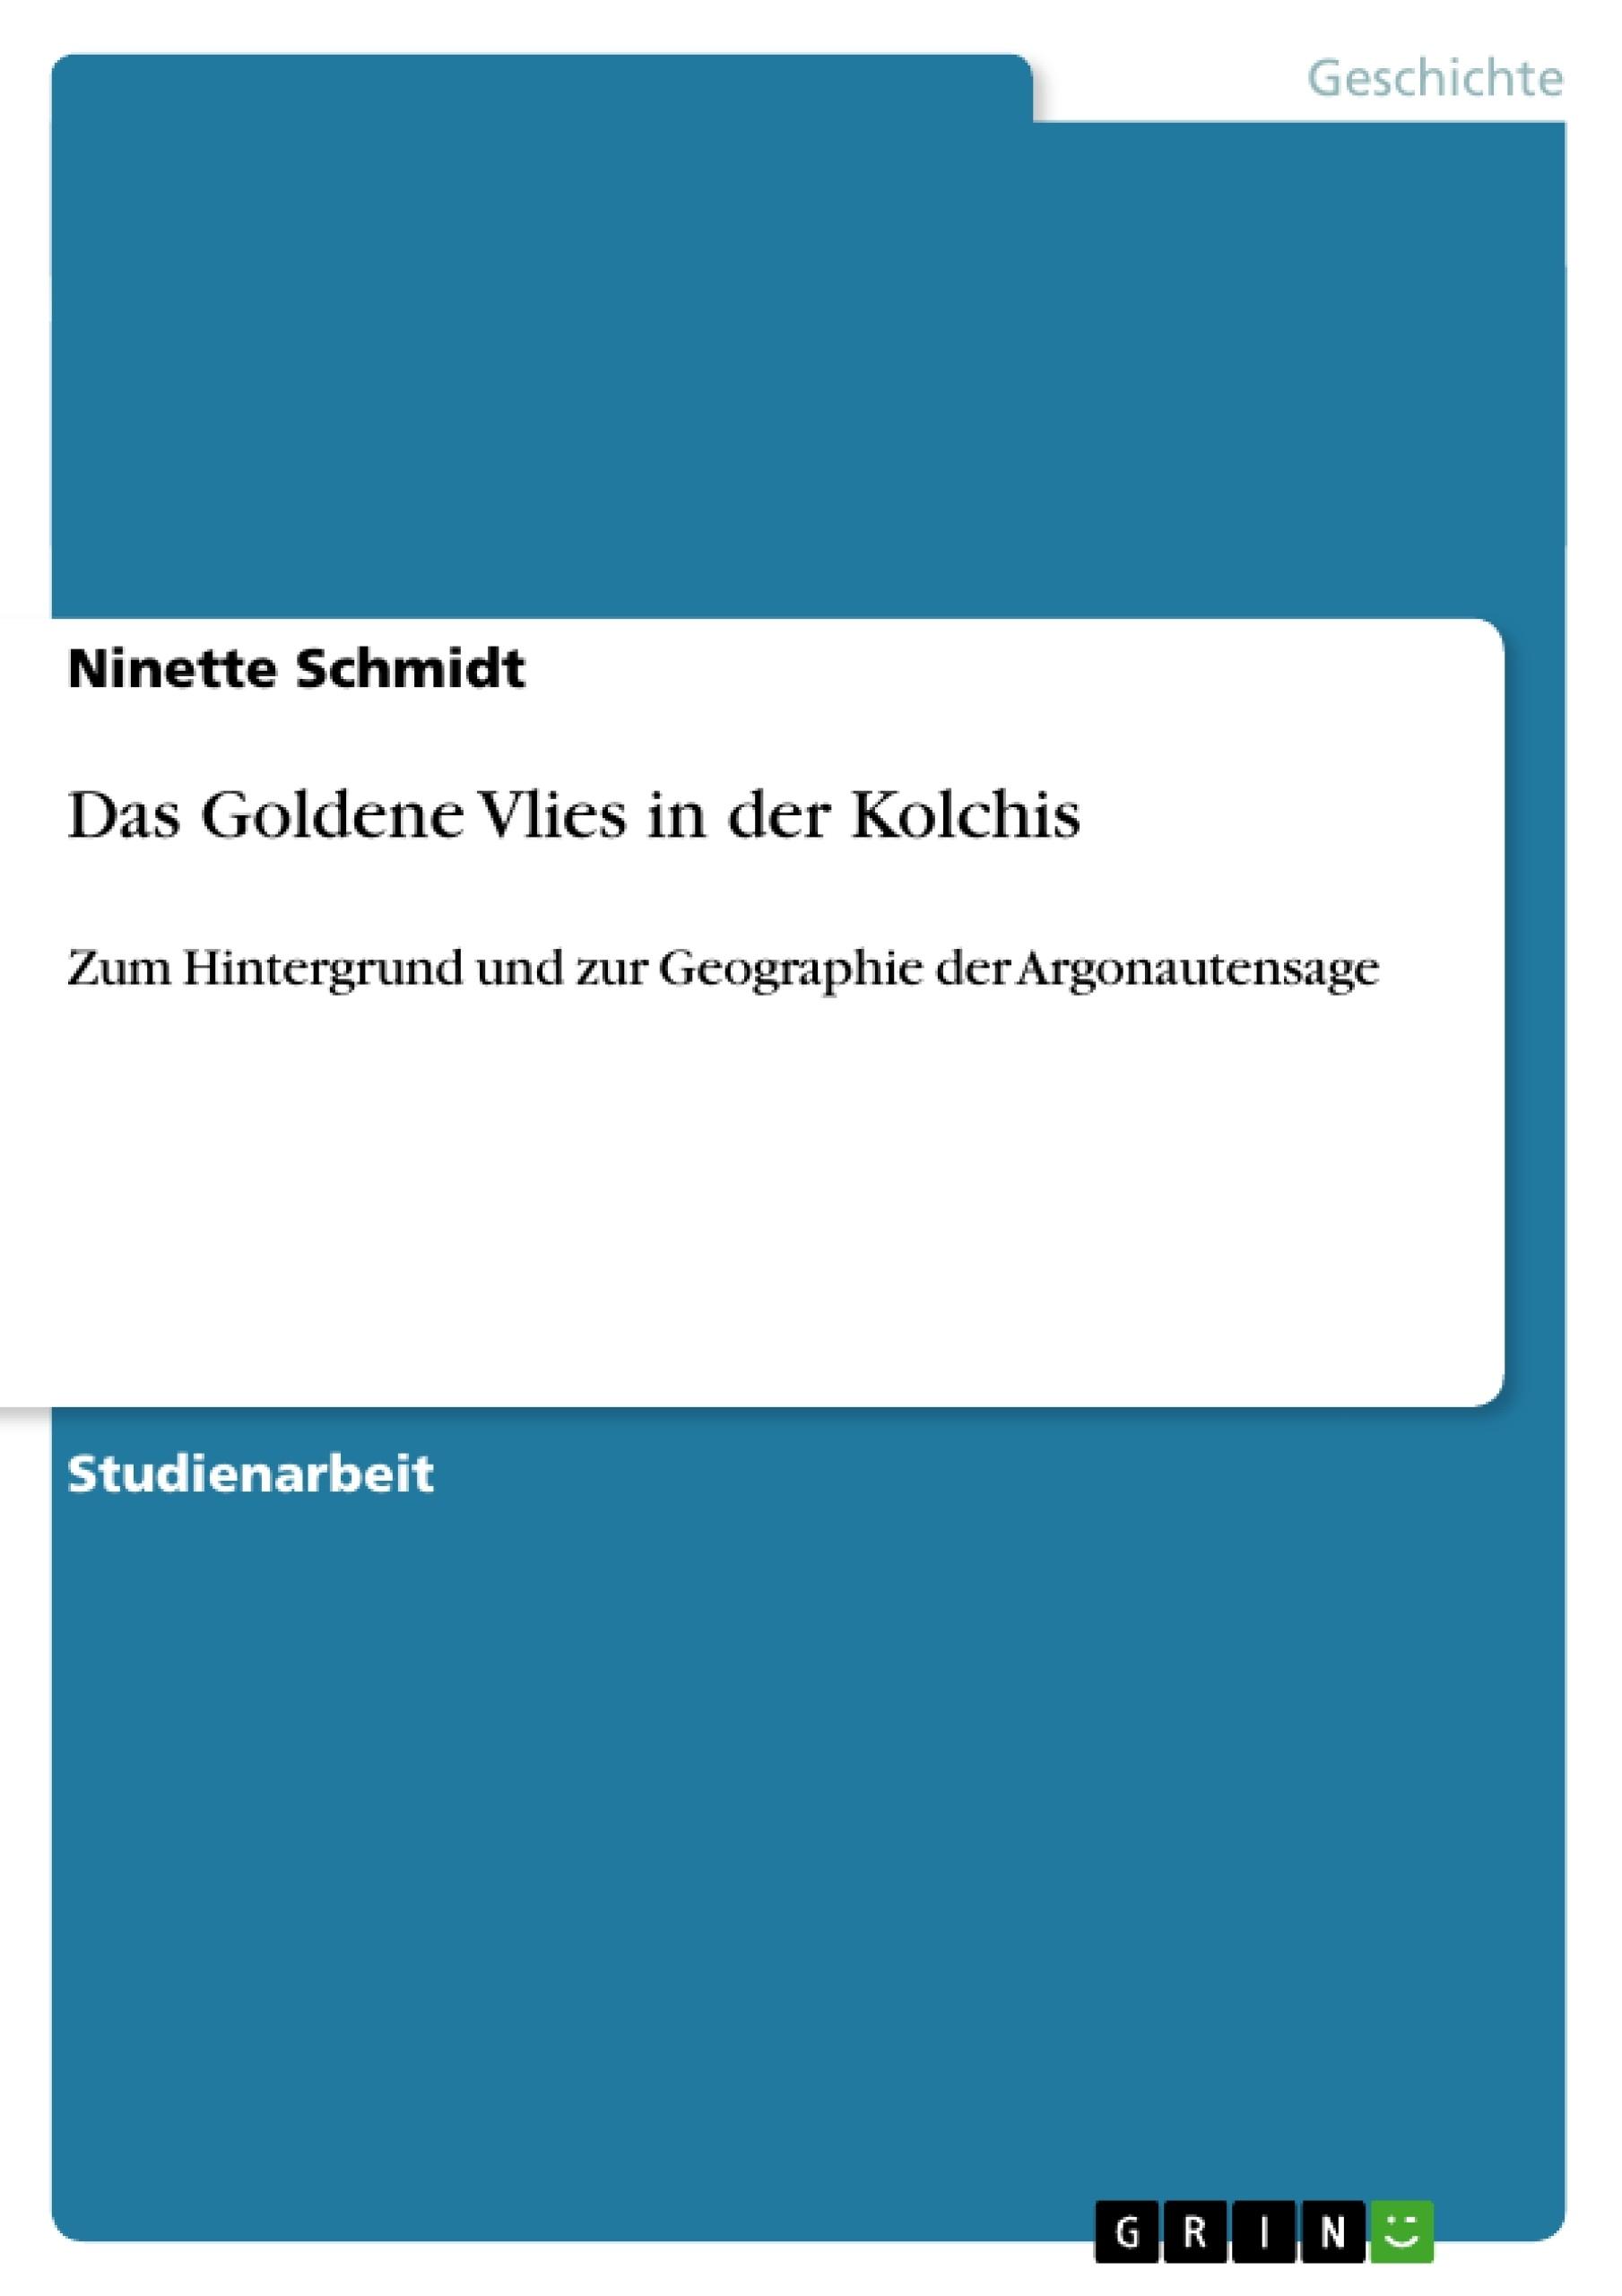 Titel: Das Goldene Vlies in der Kolchis